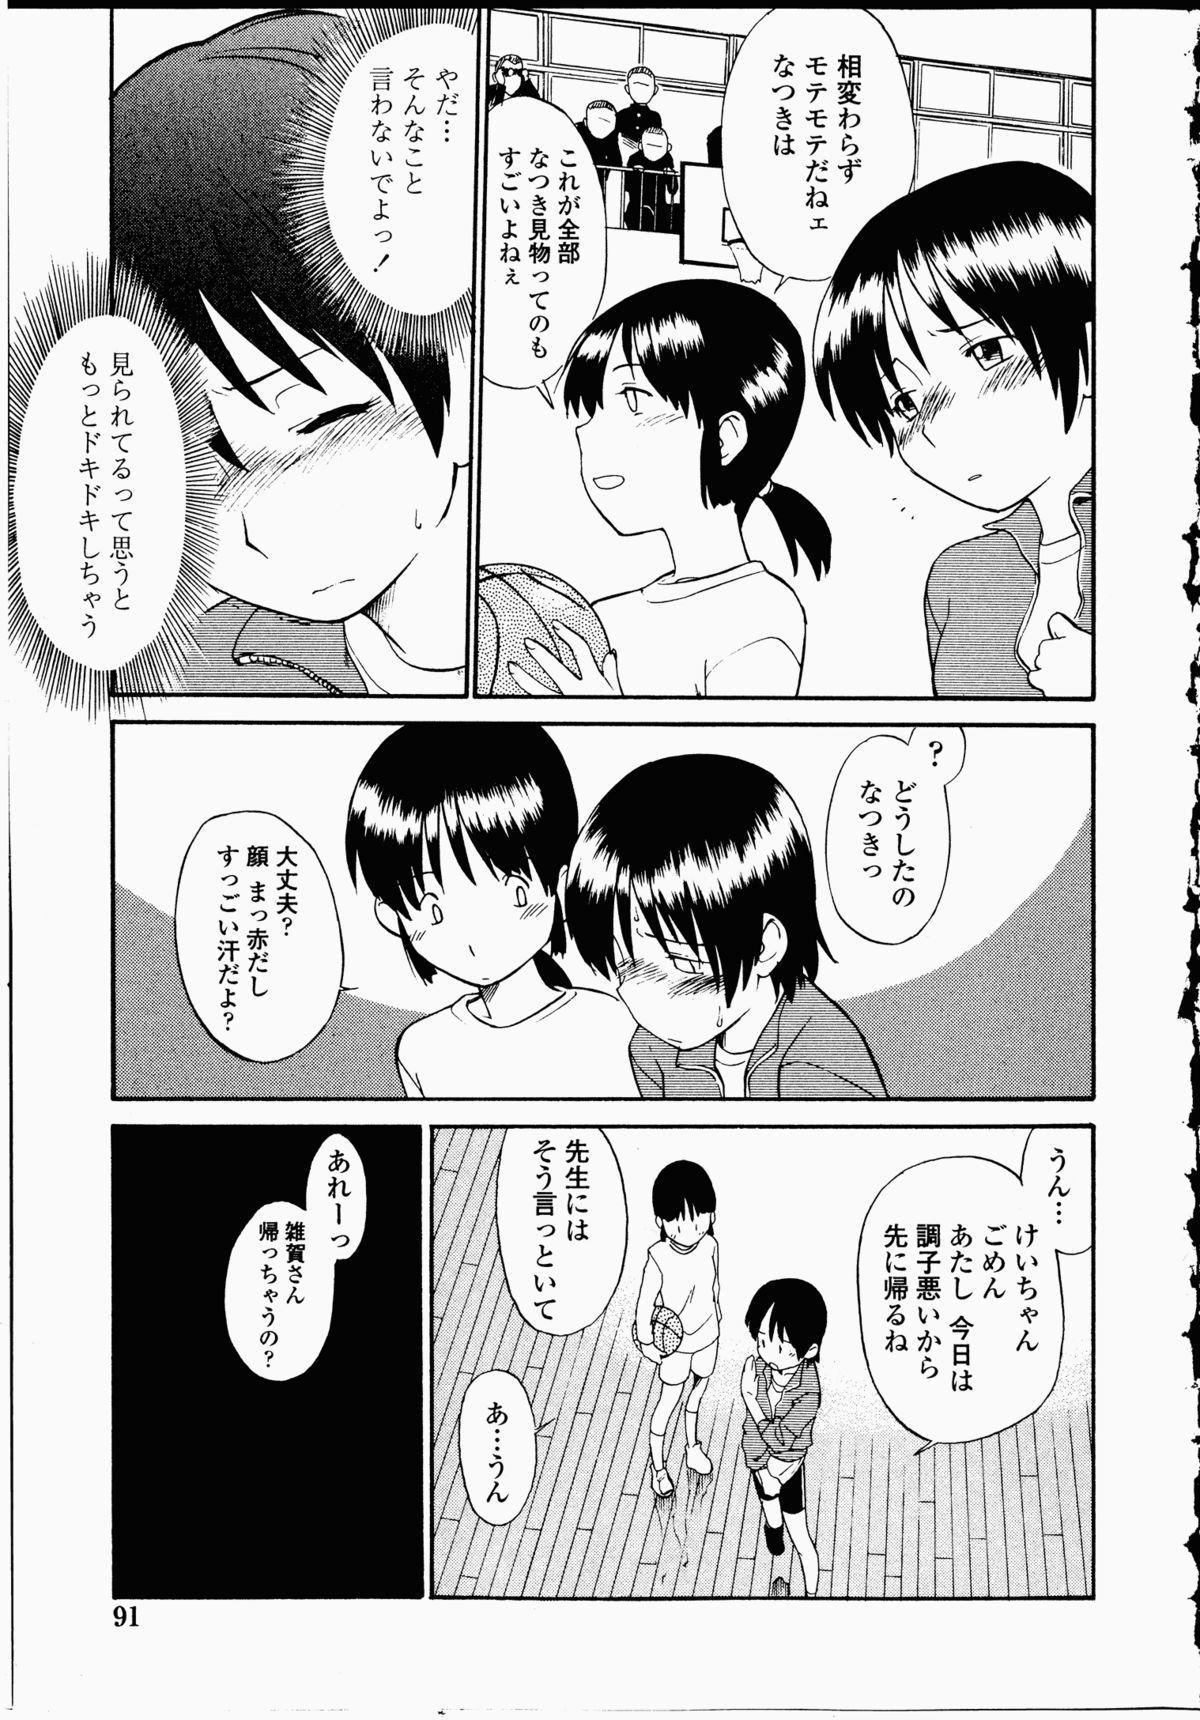 Youen Hyaku Monogatari 89